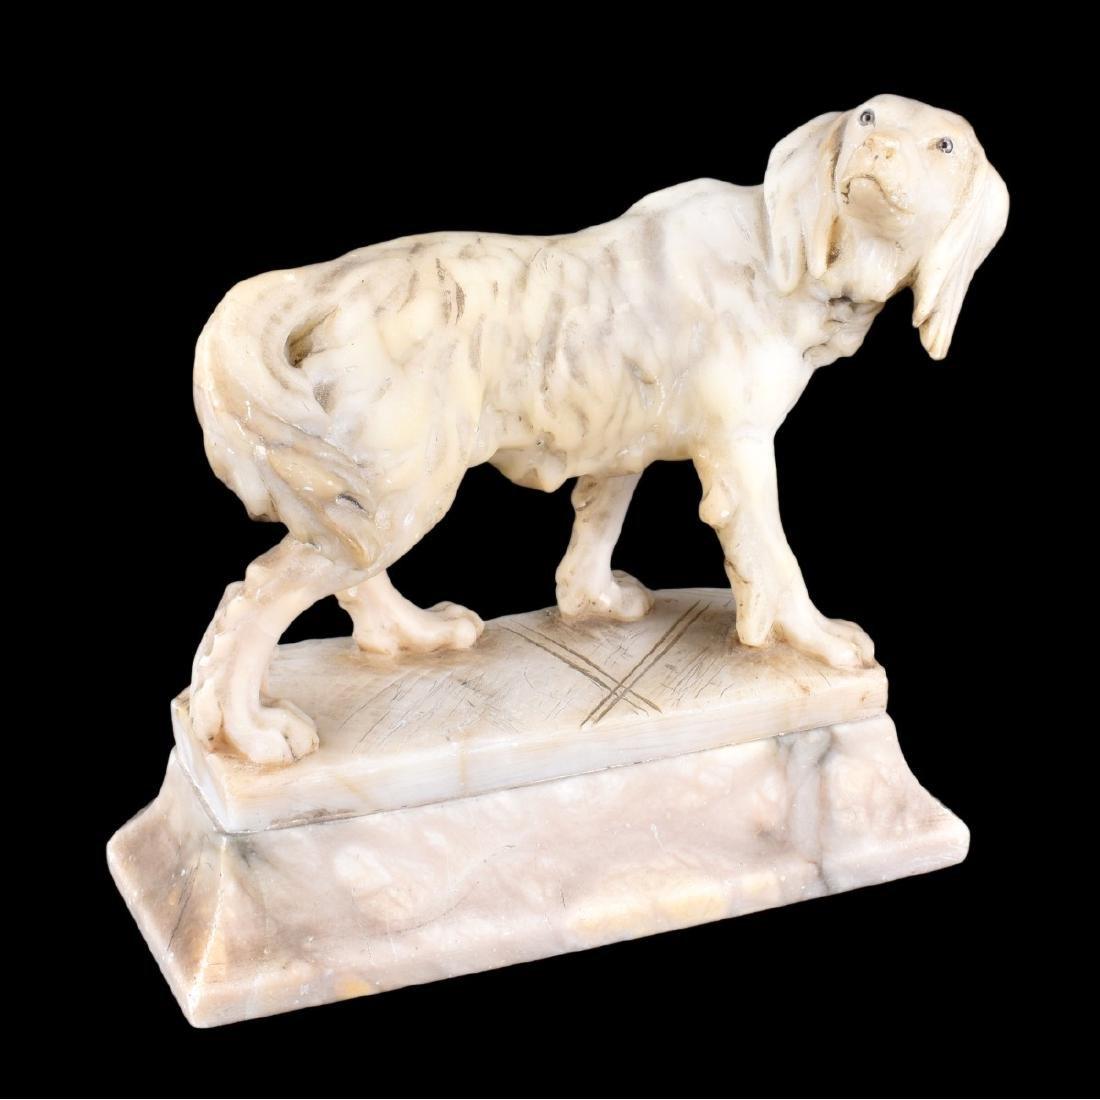 Antique Carved Alabaster Dog Figurine - 2